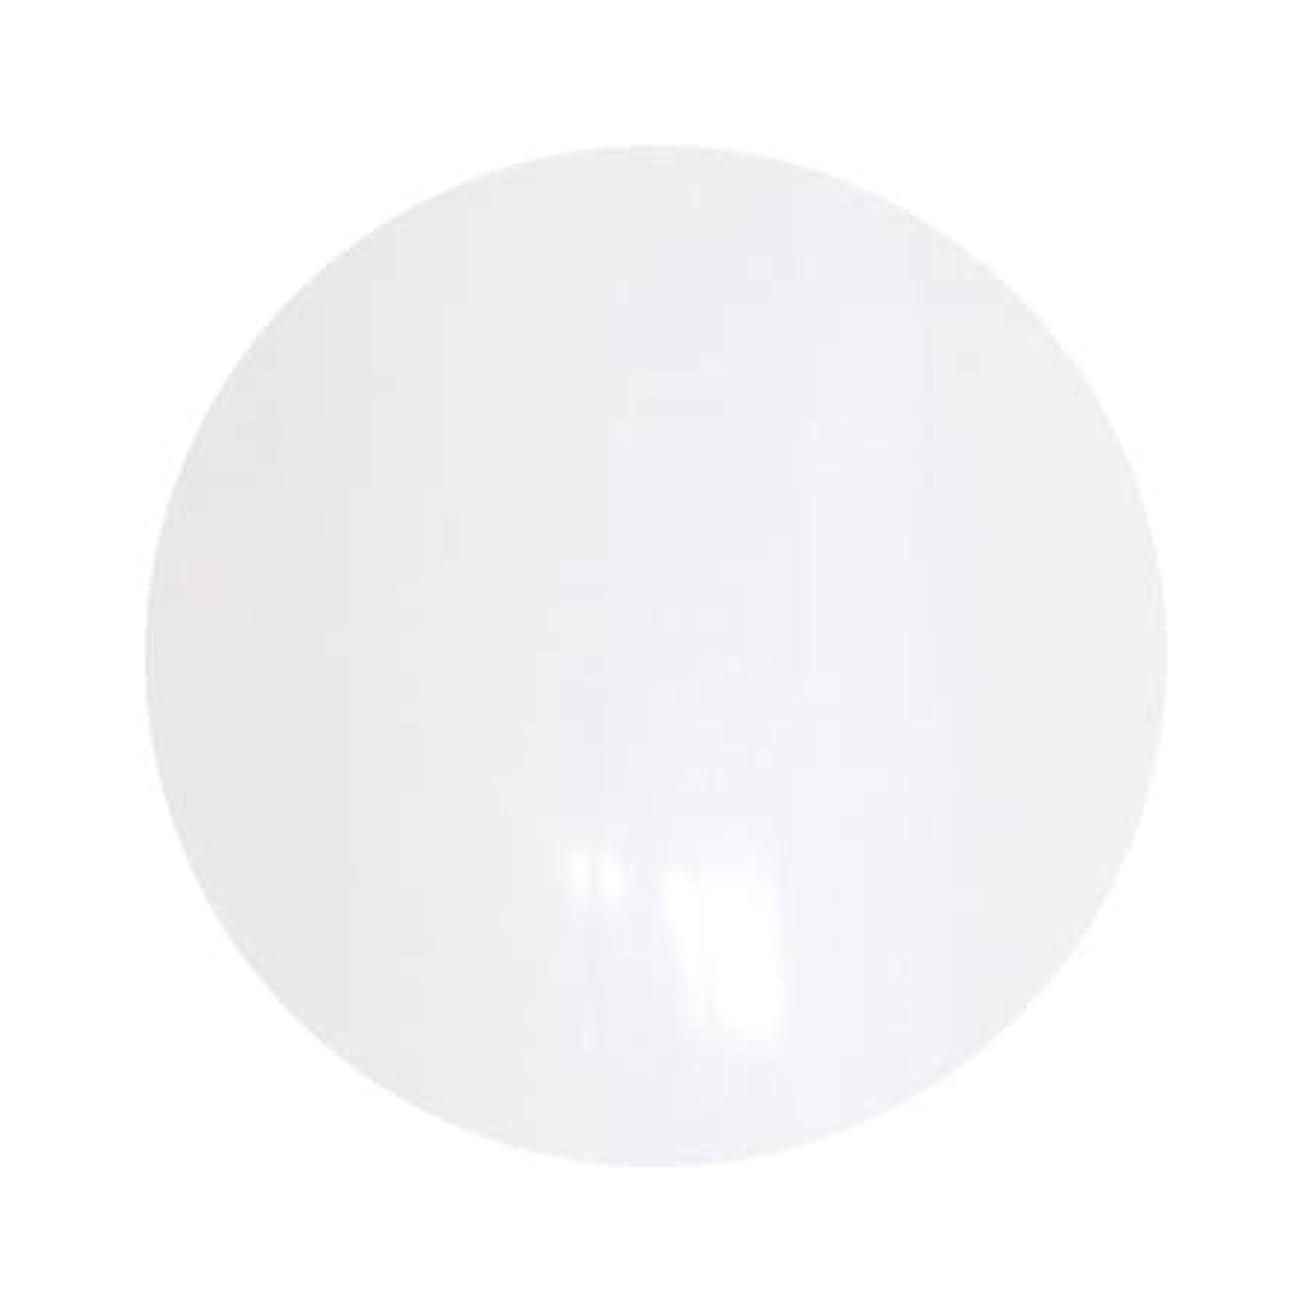 挽くタイル時系列LUCU GEL ルクジェル カラー WHP06 ムーンストーン 3.5g